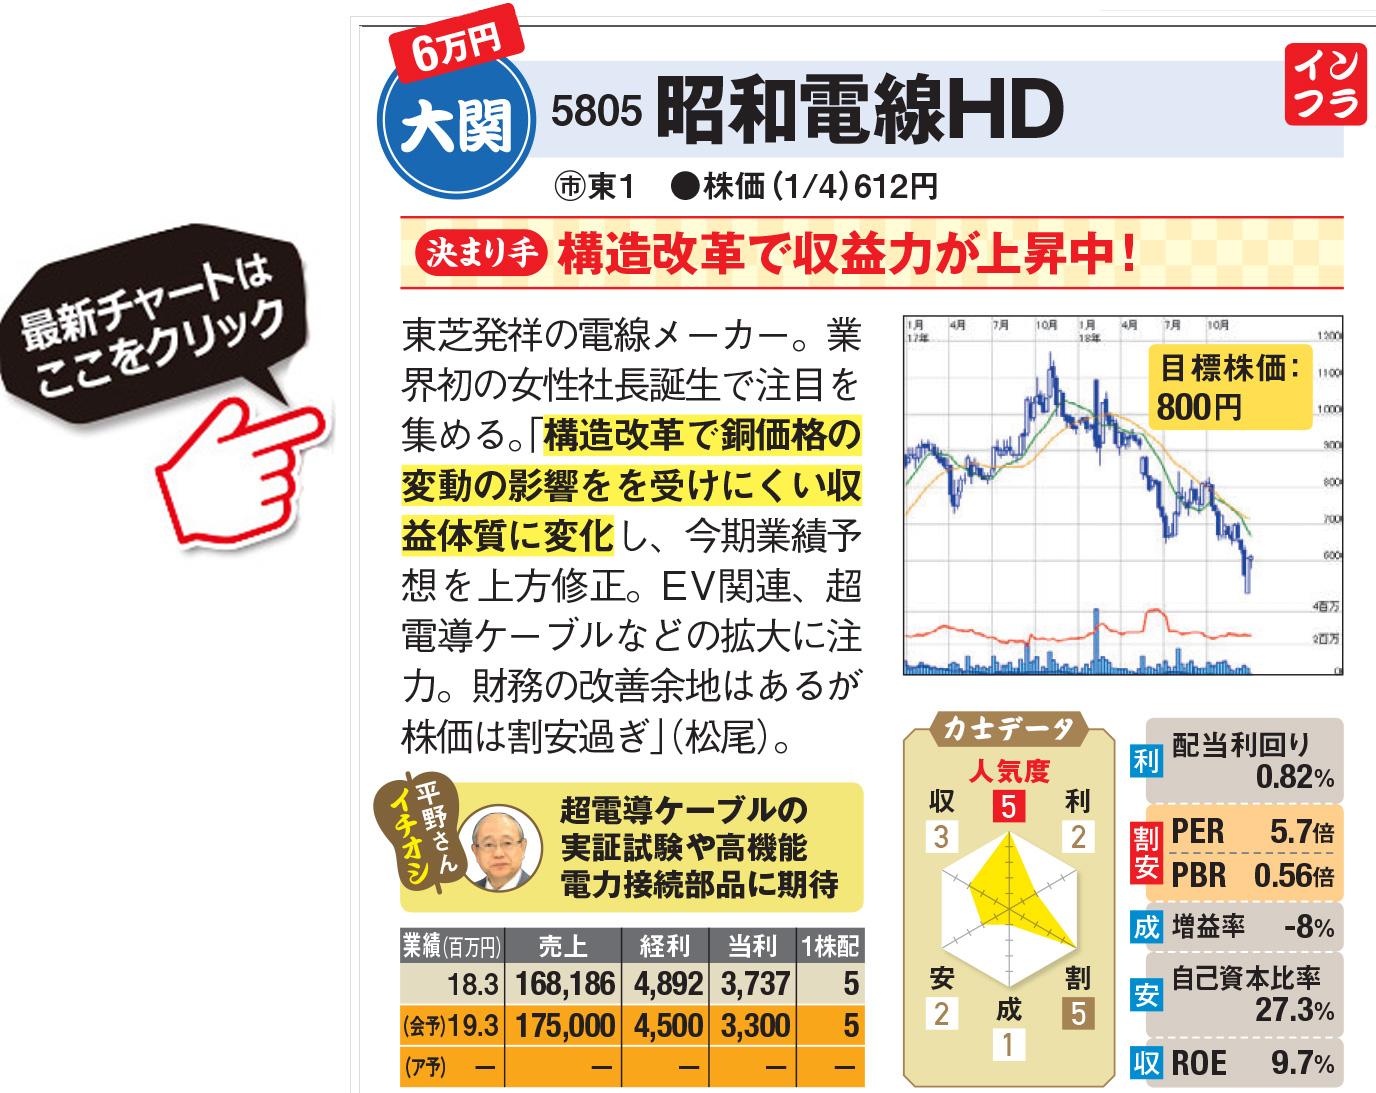 株価 三井 物産